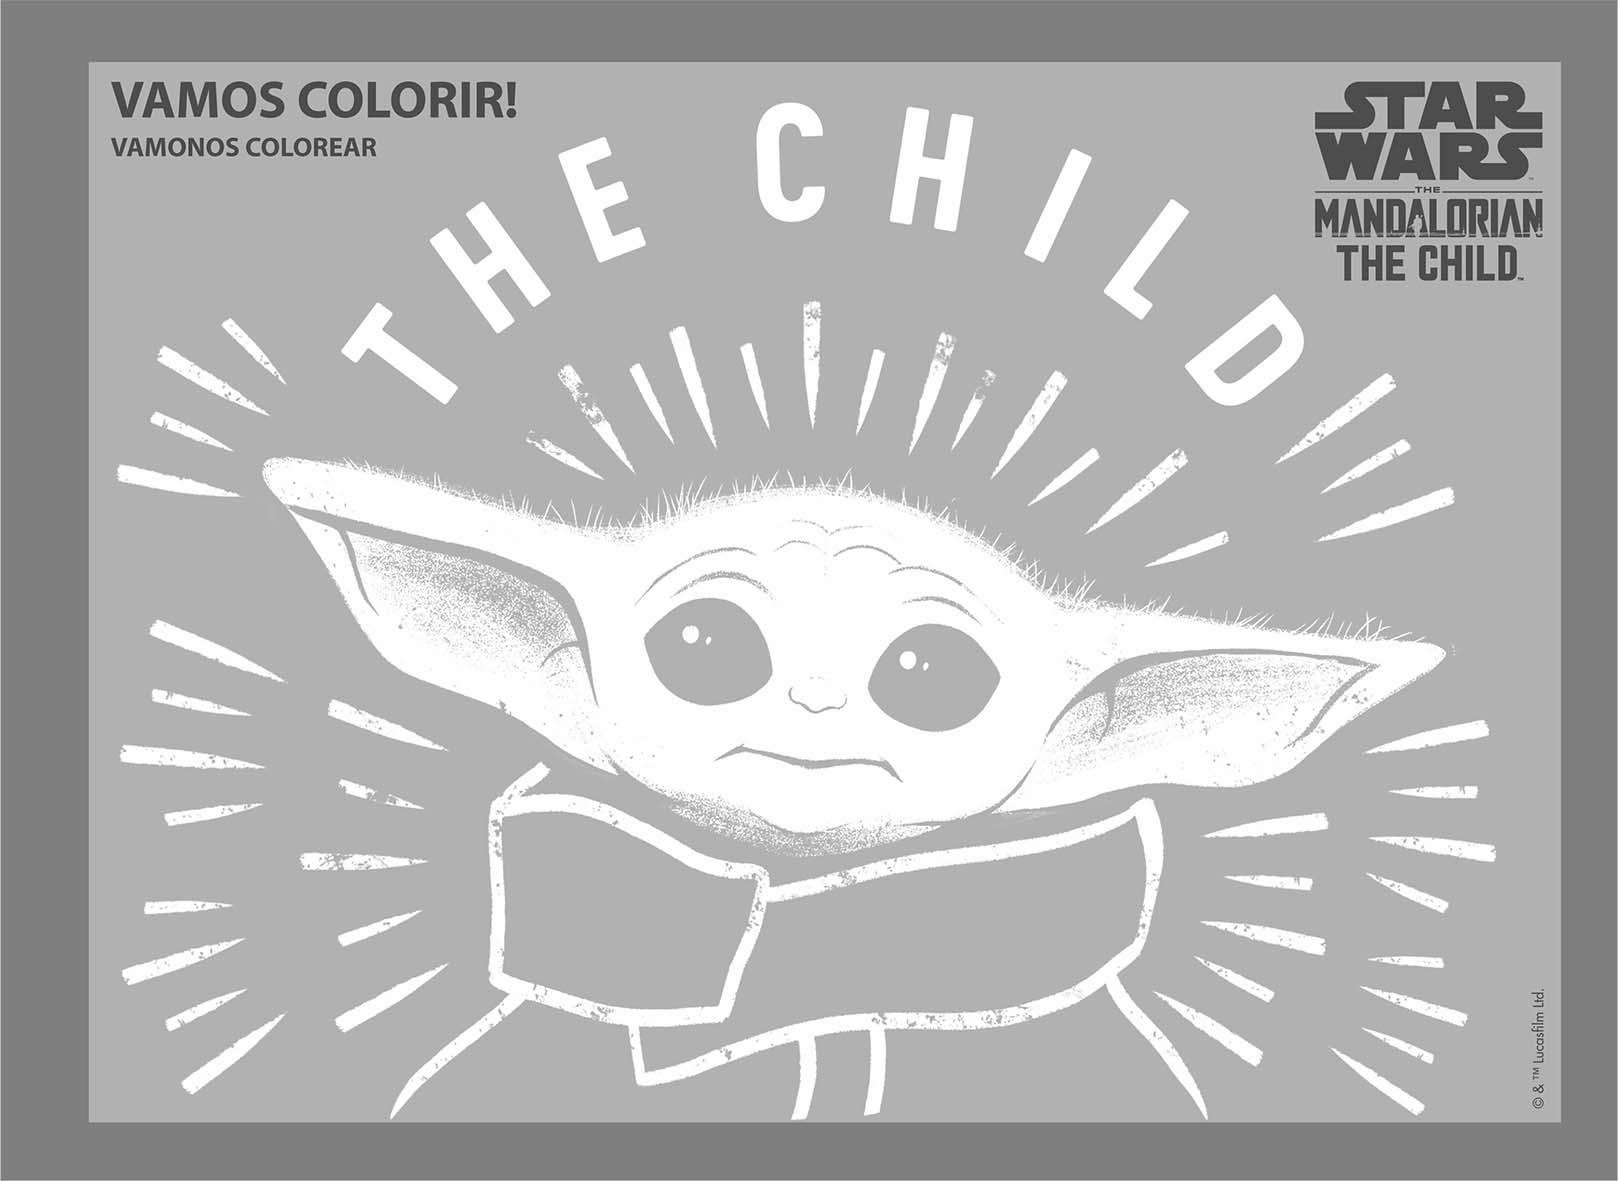 Caderno Espiral de Desenho/Cartografia 80 Fls Capa Dura 275x200mm Baby Yoda - Jandaia